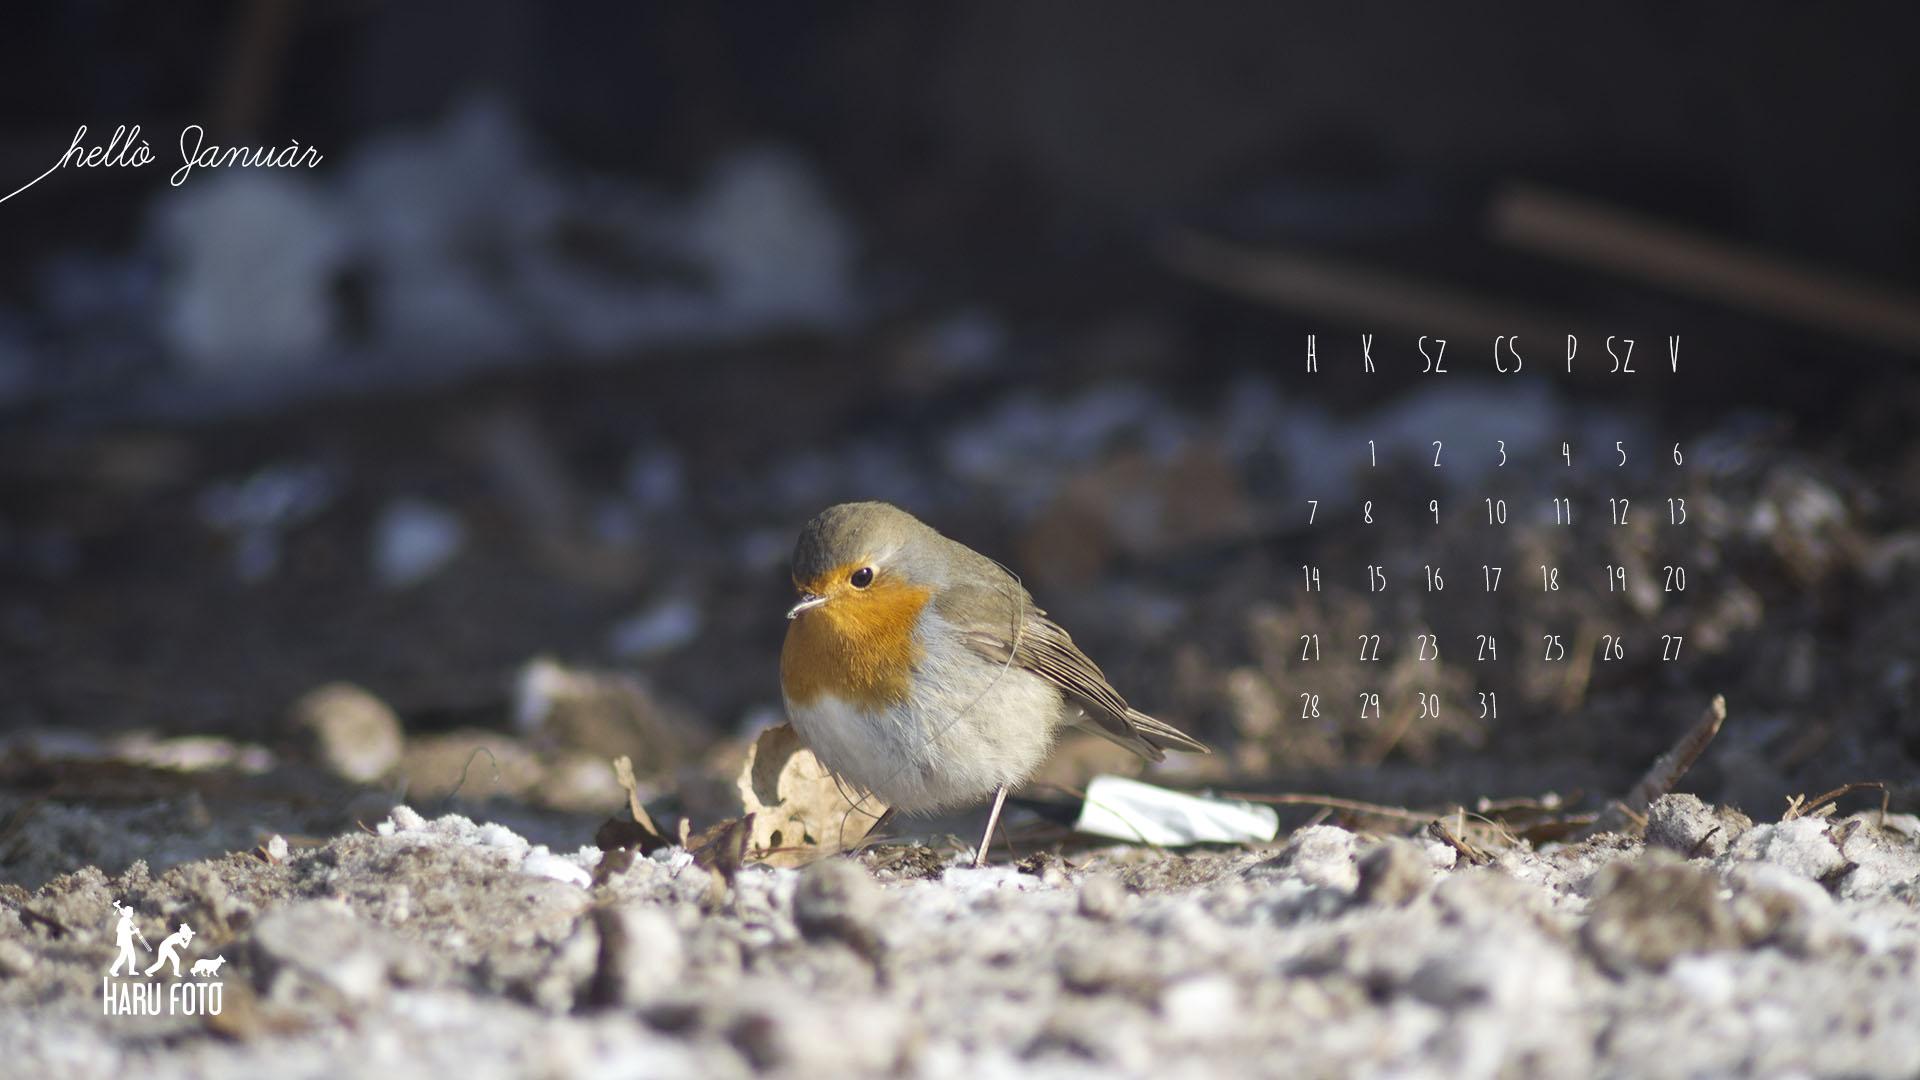 naptár háttérnek januári naptár, wallpaper | Harufoto a kreatív műhely naptár háttérnek